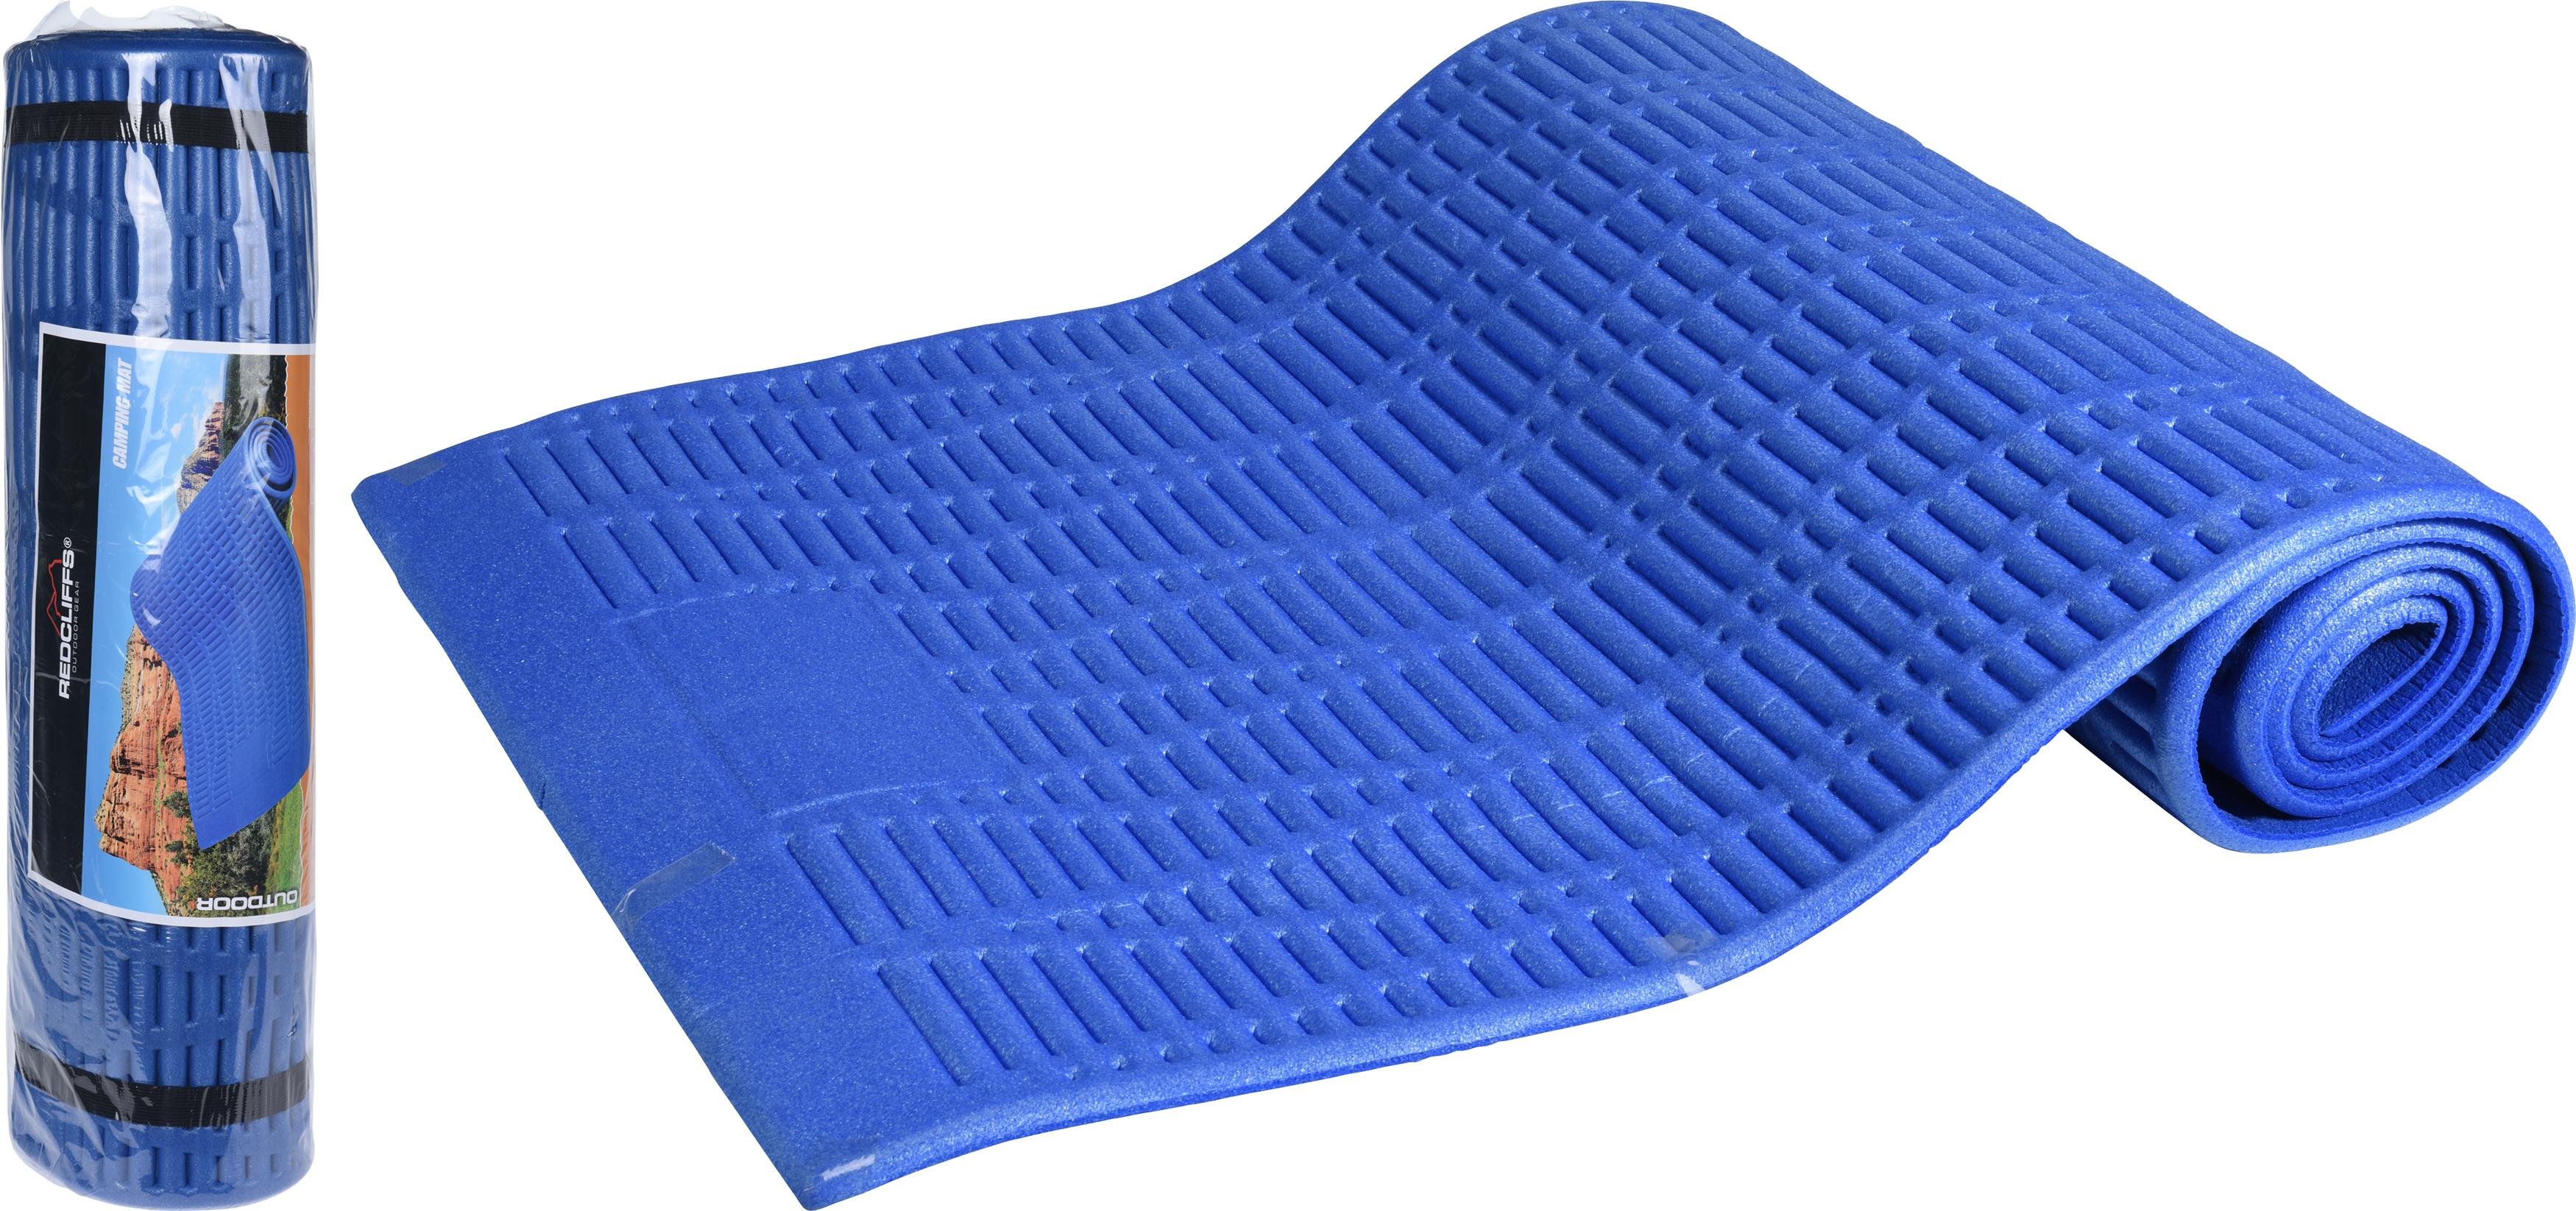 Туристический коврик Koopman 180х59х1 см синий CA2100060